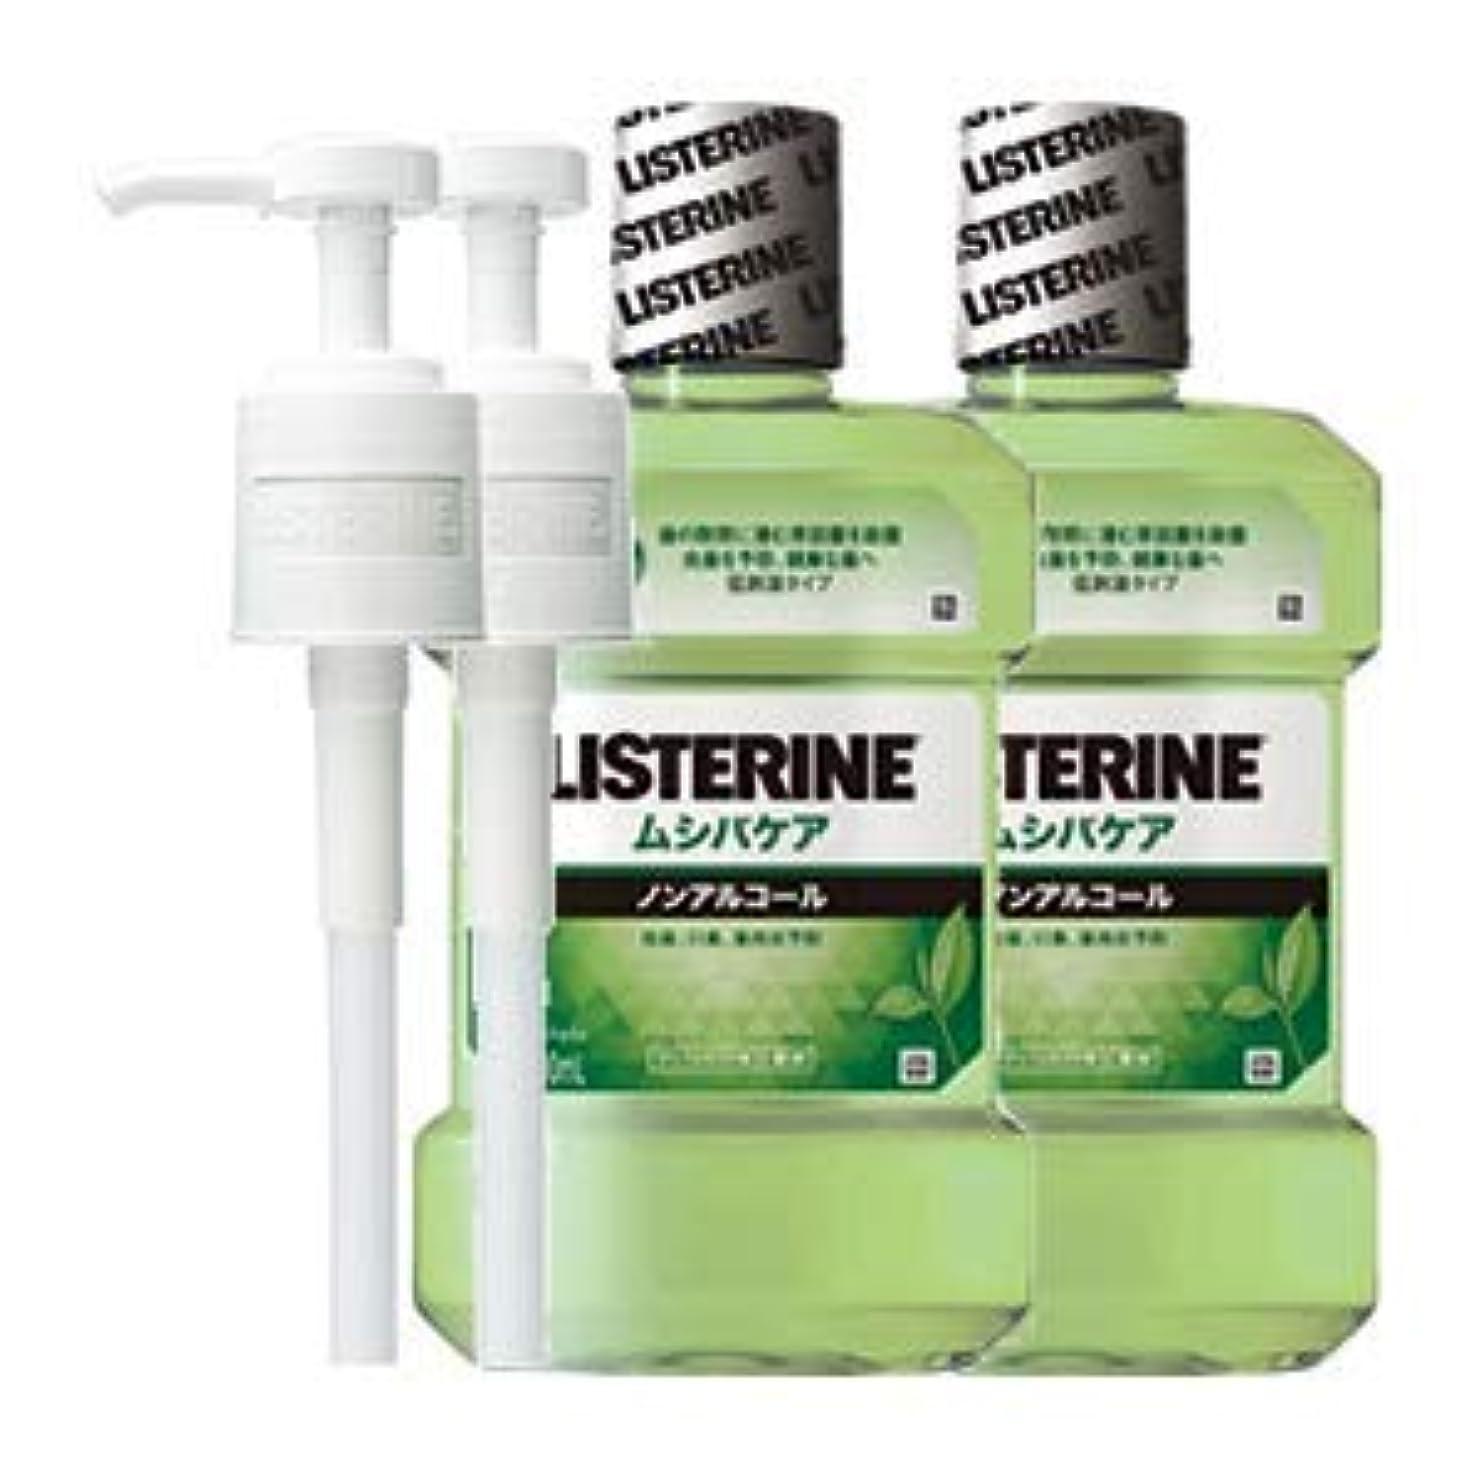 質量マーカー調停する薬用リステリン ムシバケア (液体歯磨) 1000mL 2点セット (ポンプ付)